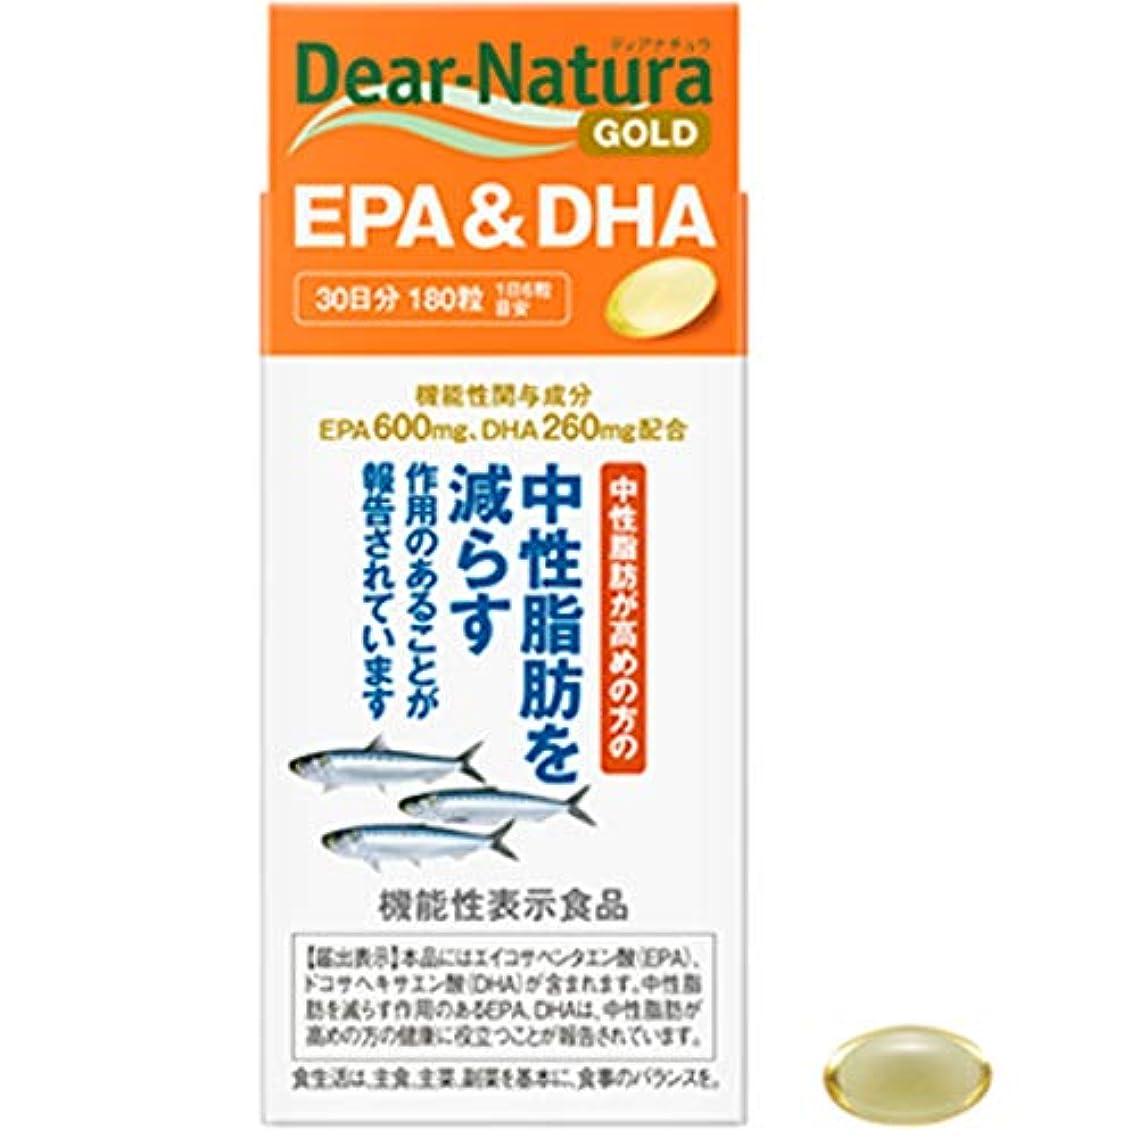 巻き取りコマースメンテナンスディアナチュラゴールド EPA&DHA 30日分 180粒入×5個セット